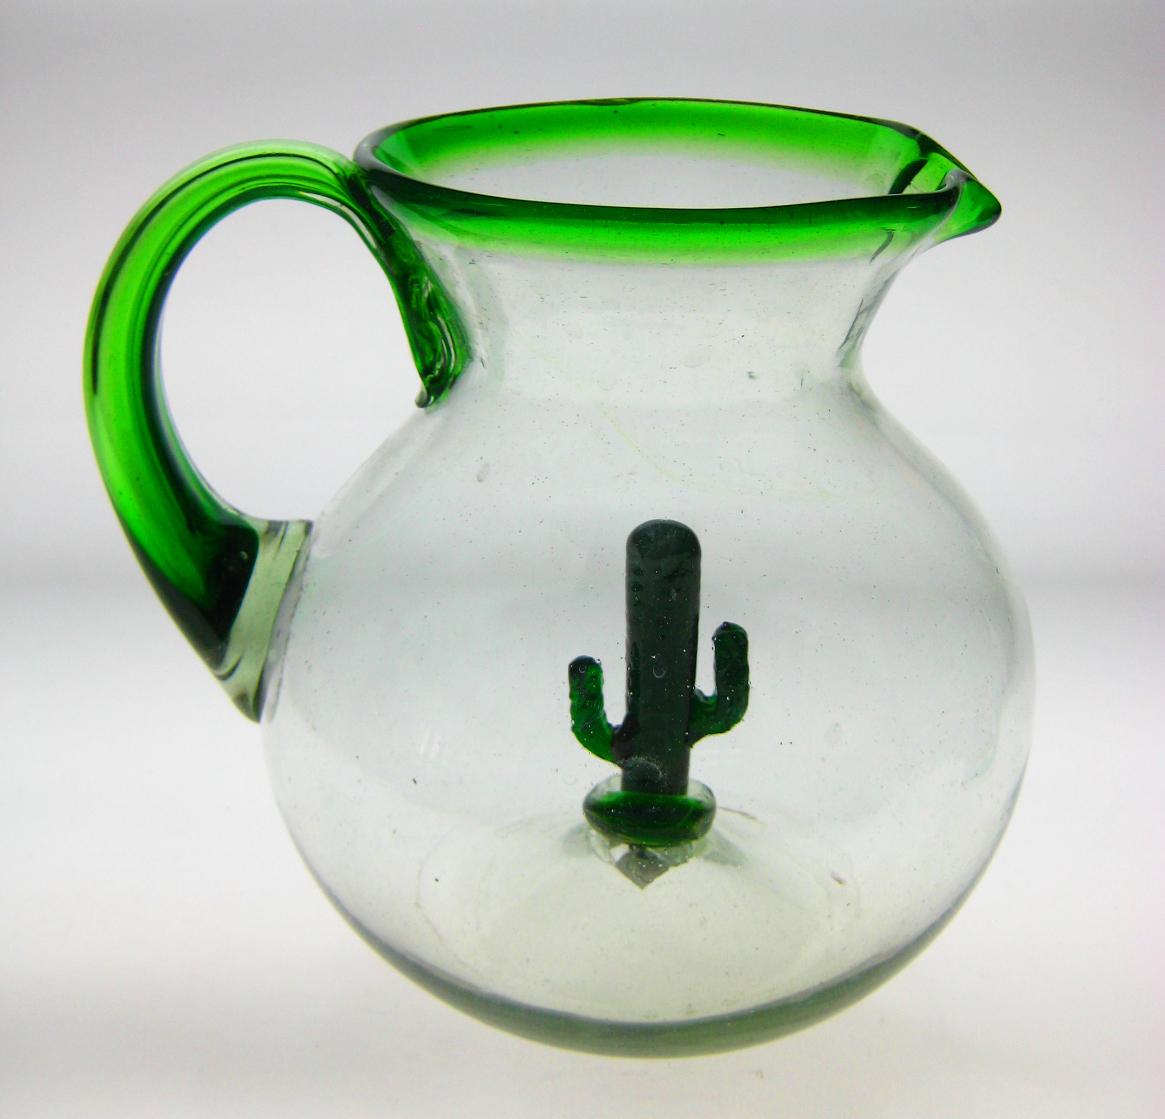 Cactus Margarita Glasses And Pitcher